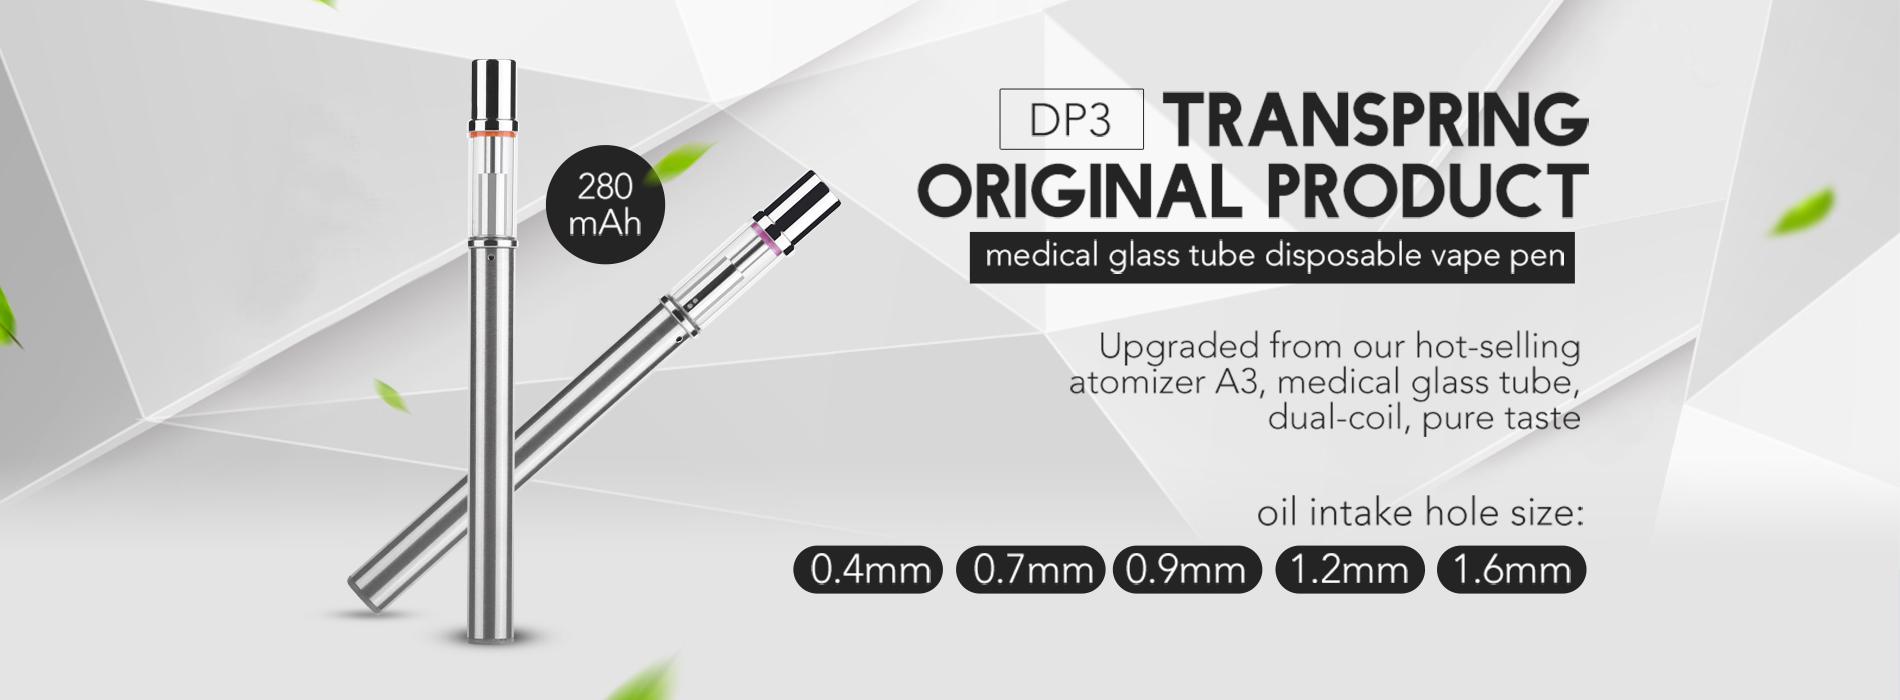 China DP3 Disposable Vape Pen manufacturer